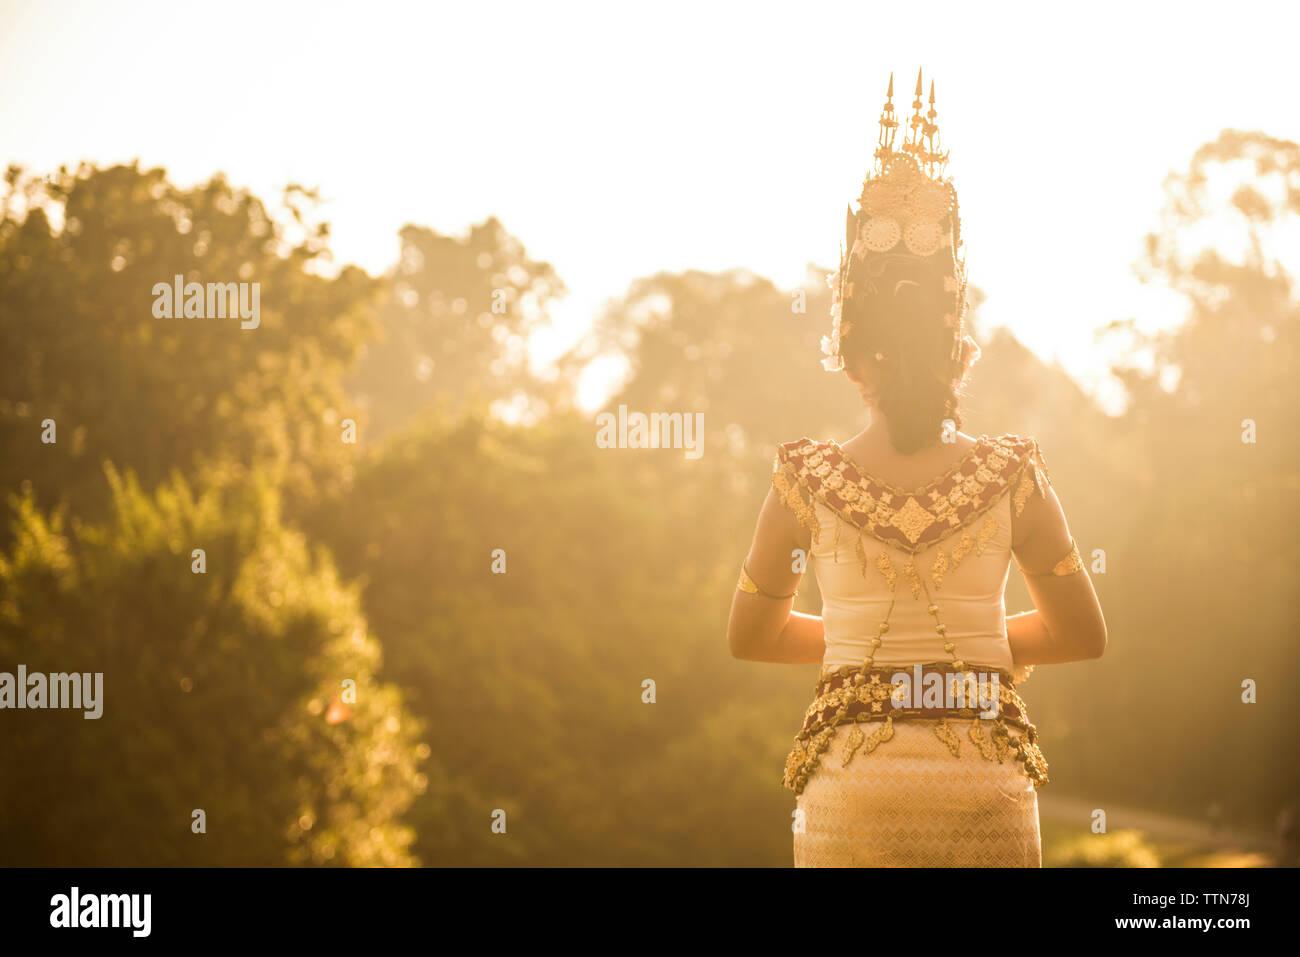 Ansicht der Rückseite Frau in traditioneller Kleidung gegen Bäume Stockbild